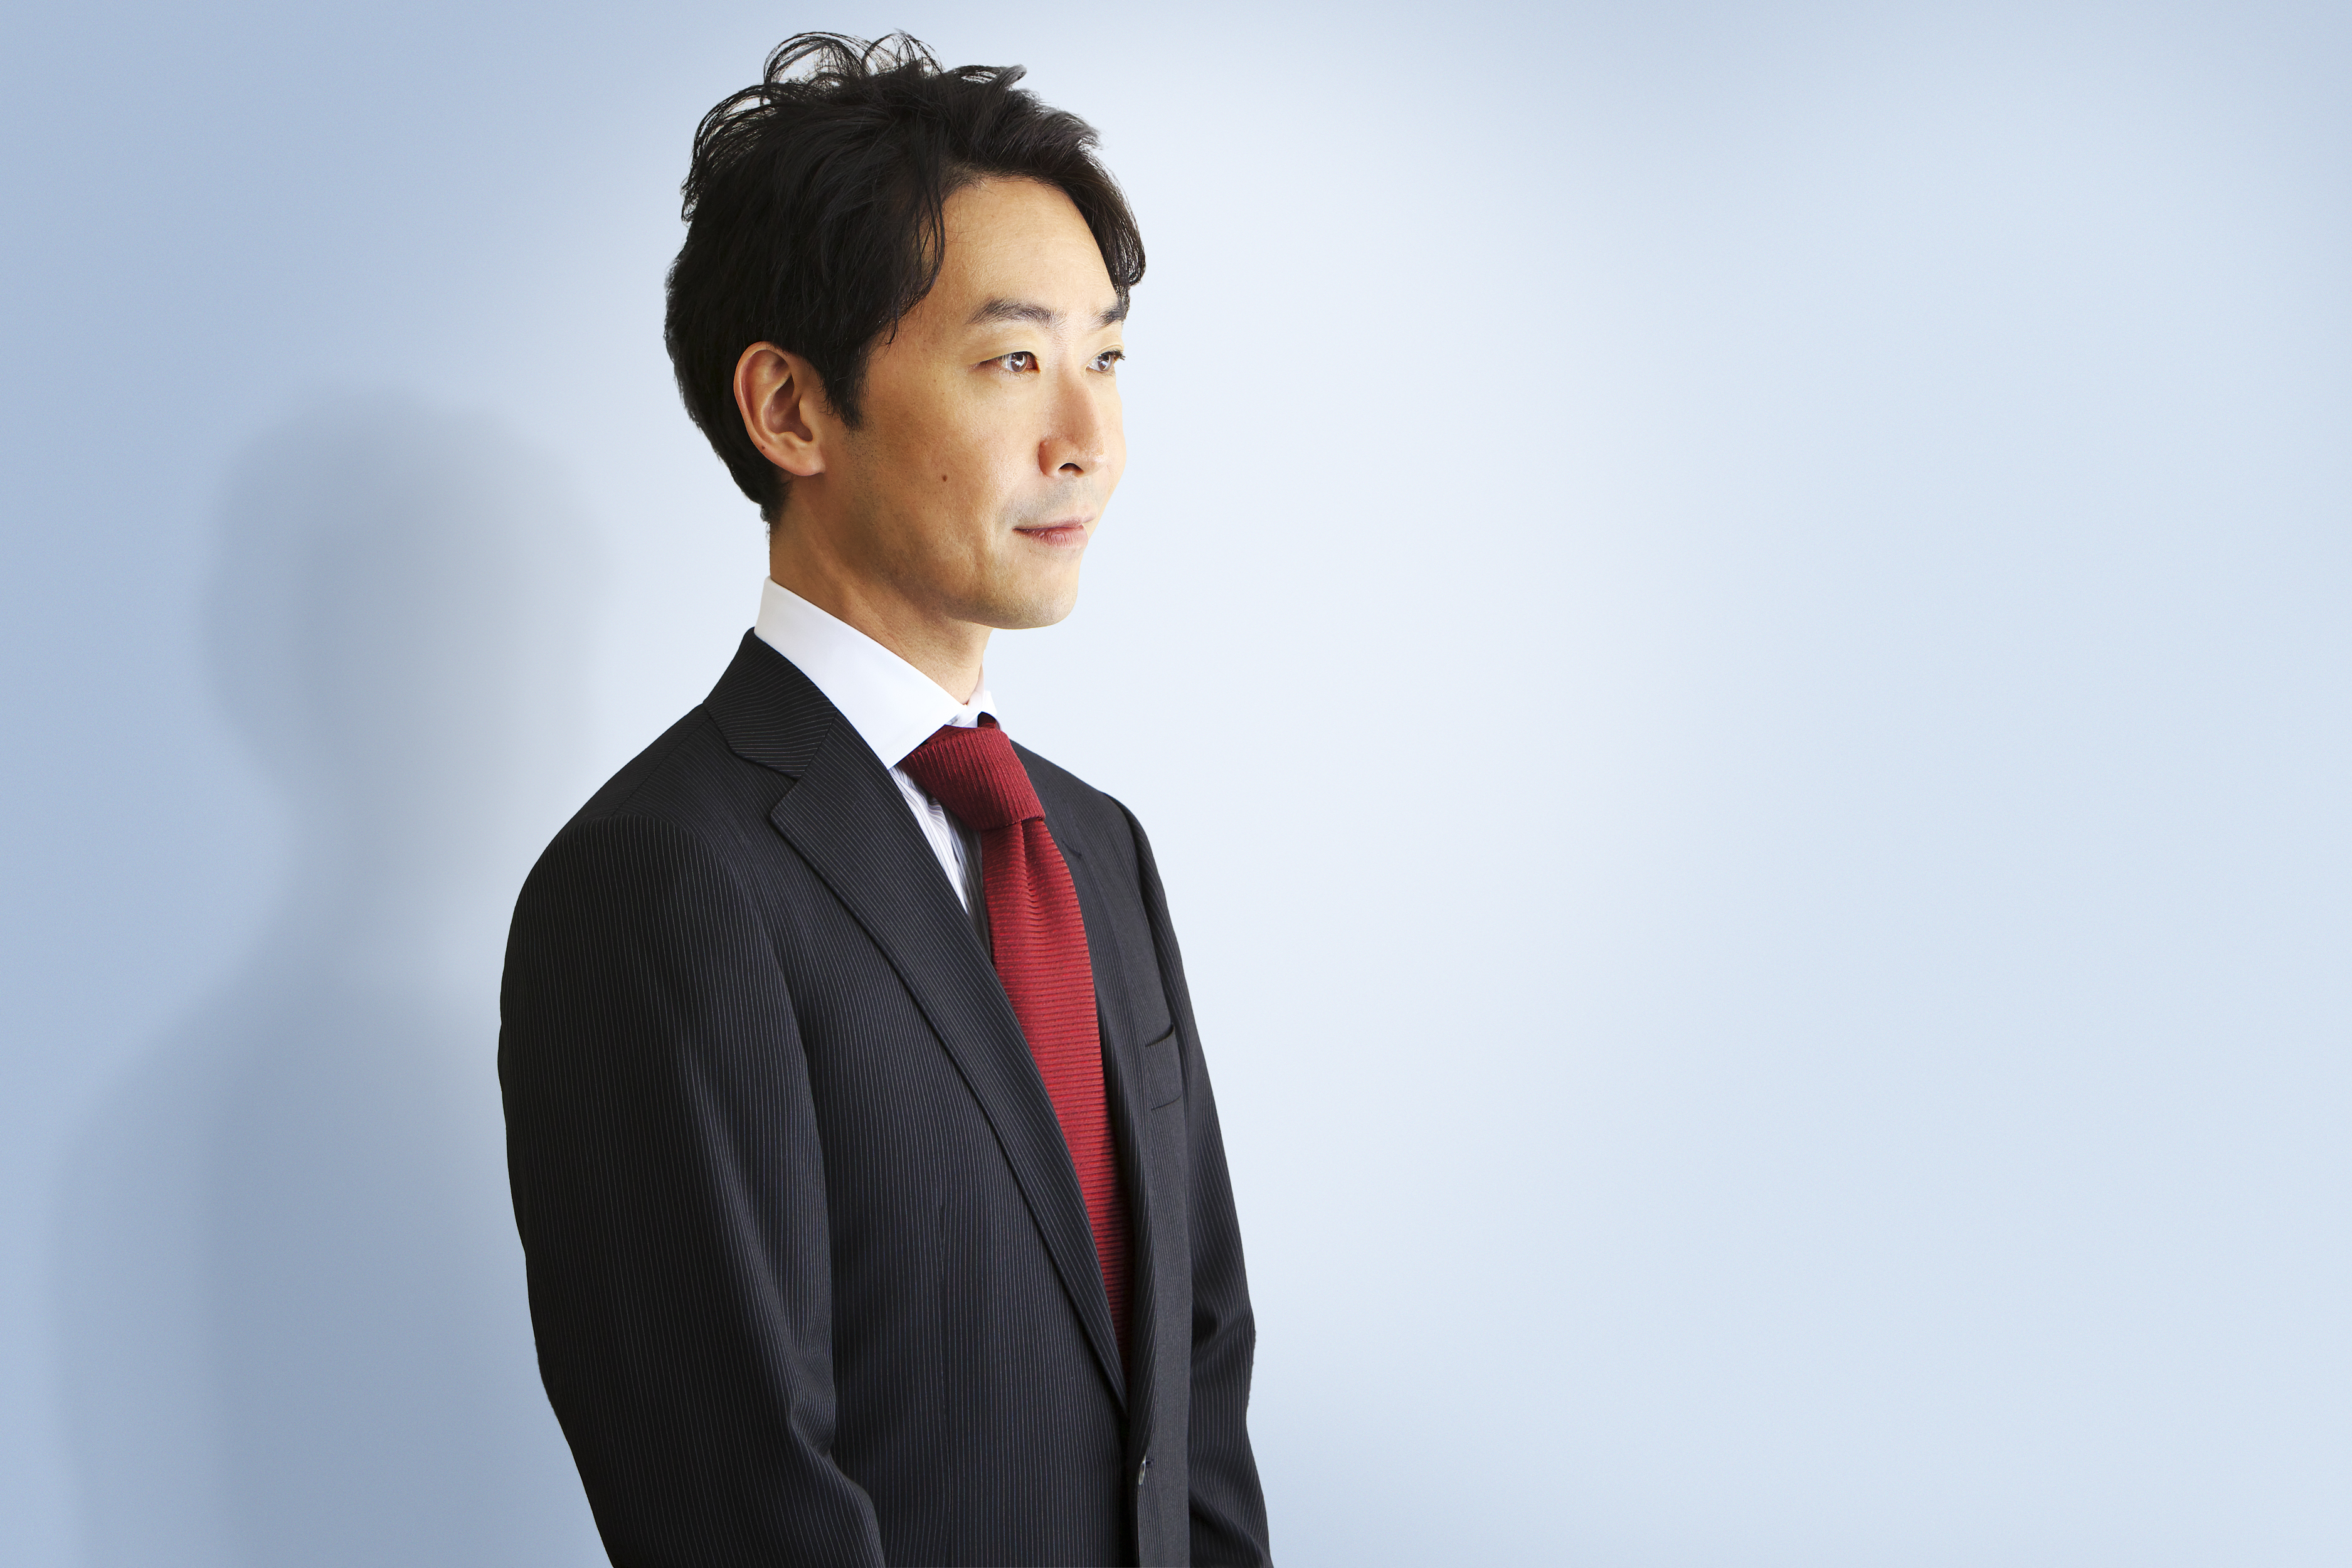 yoichiro nakano